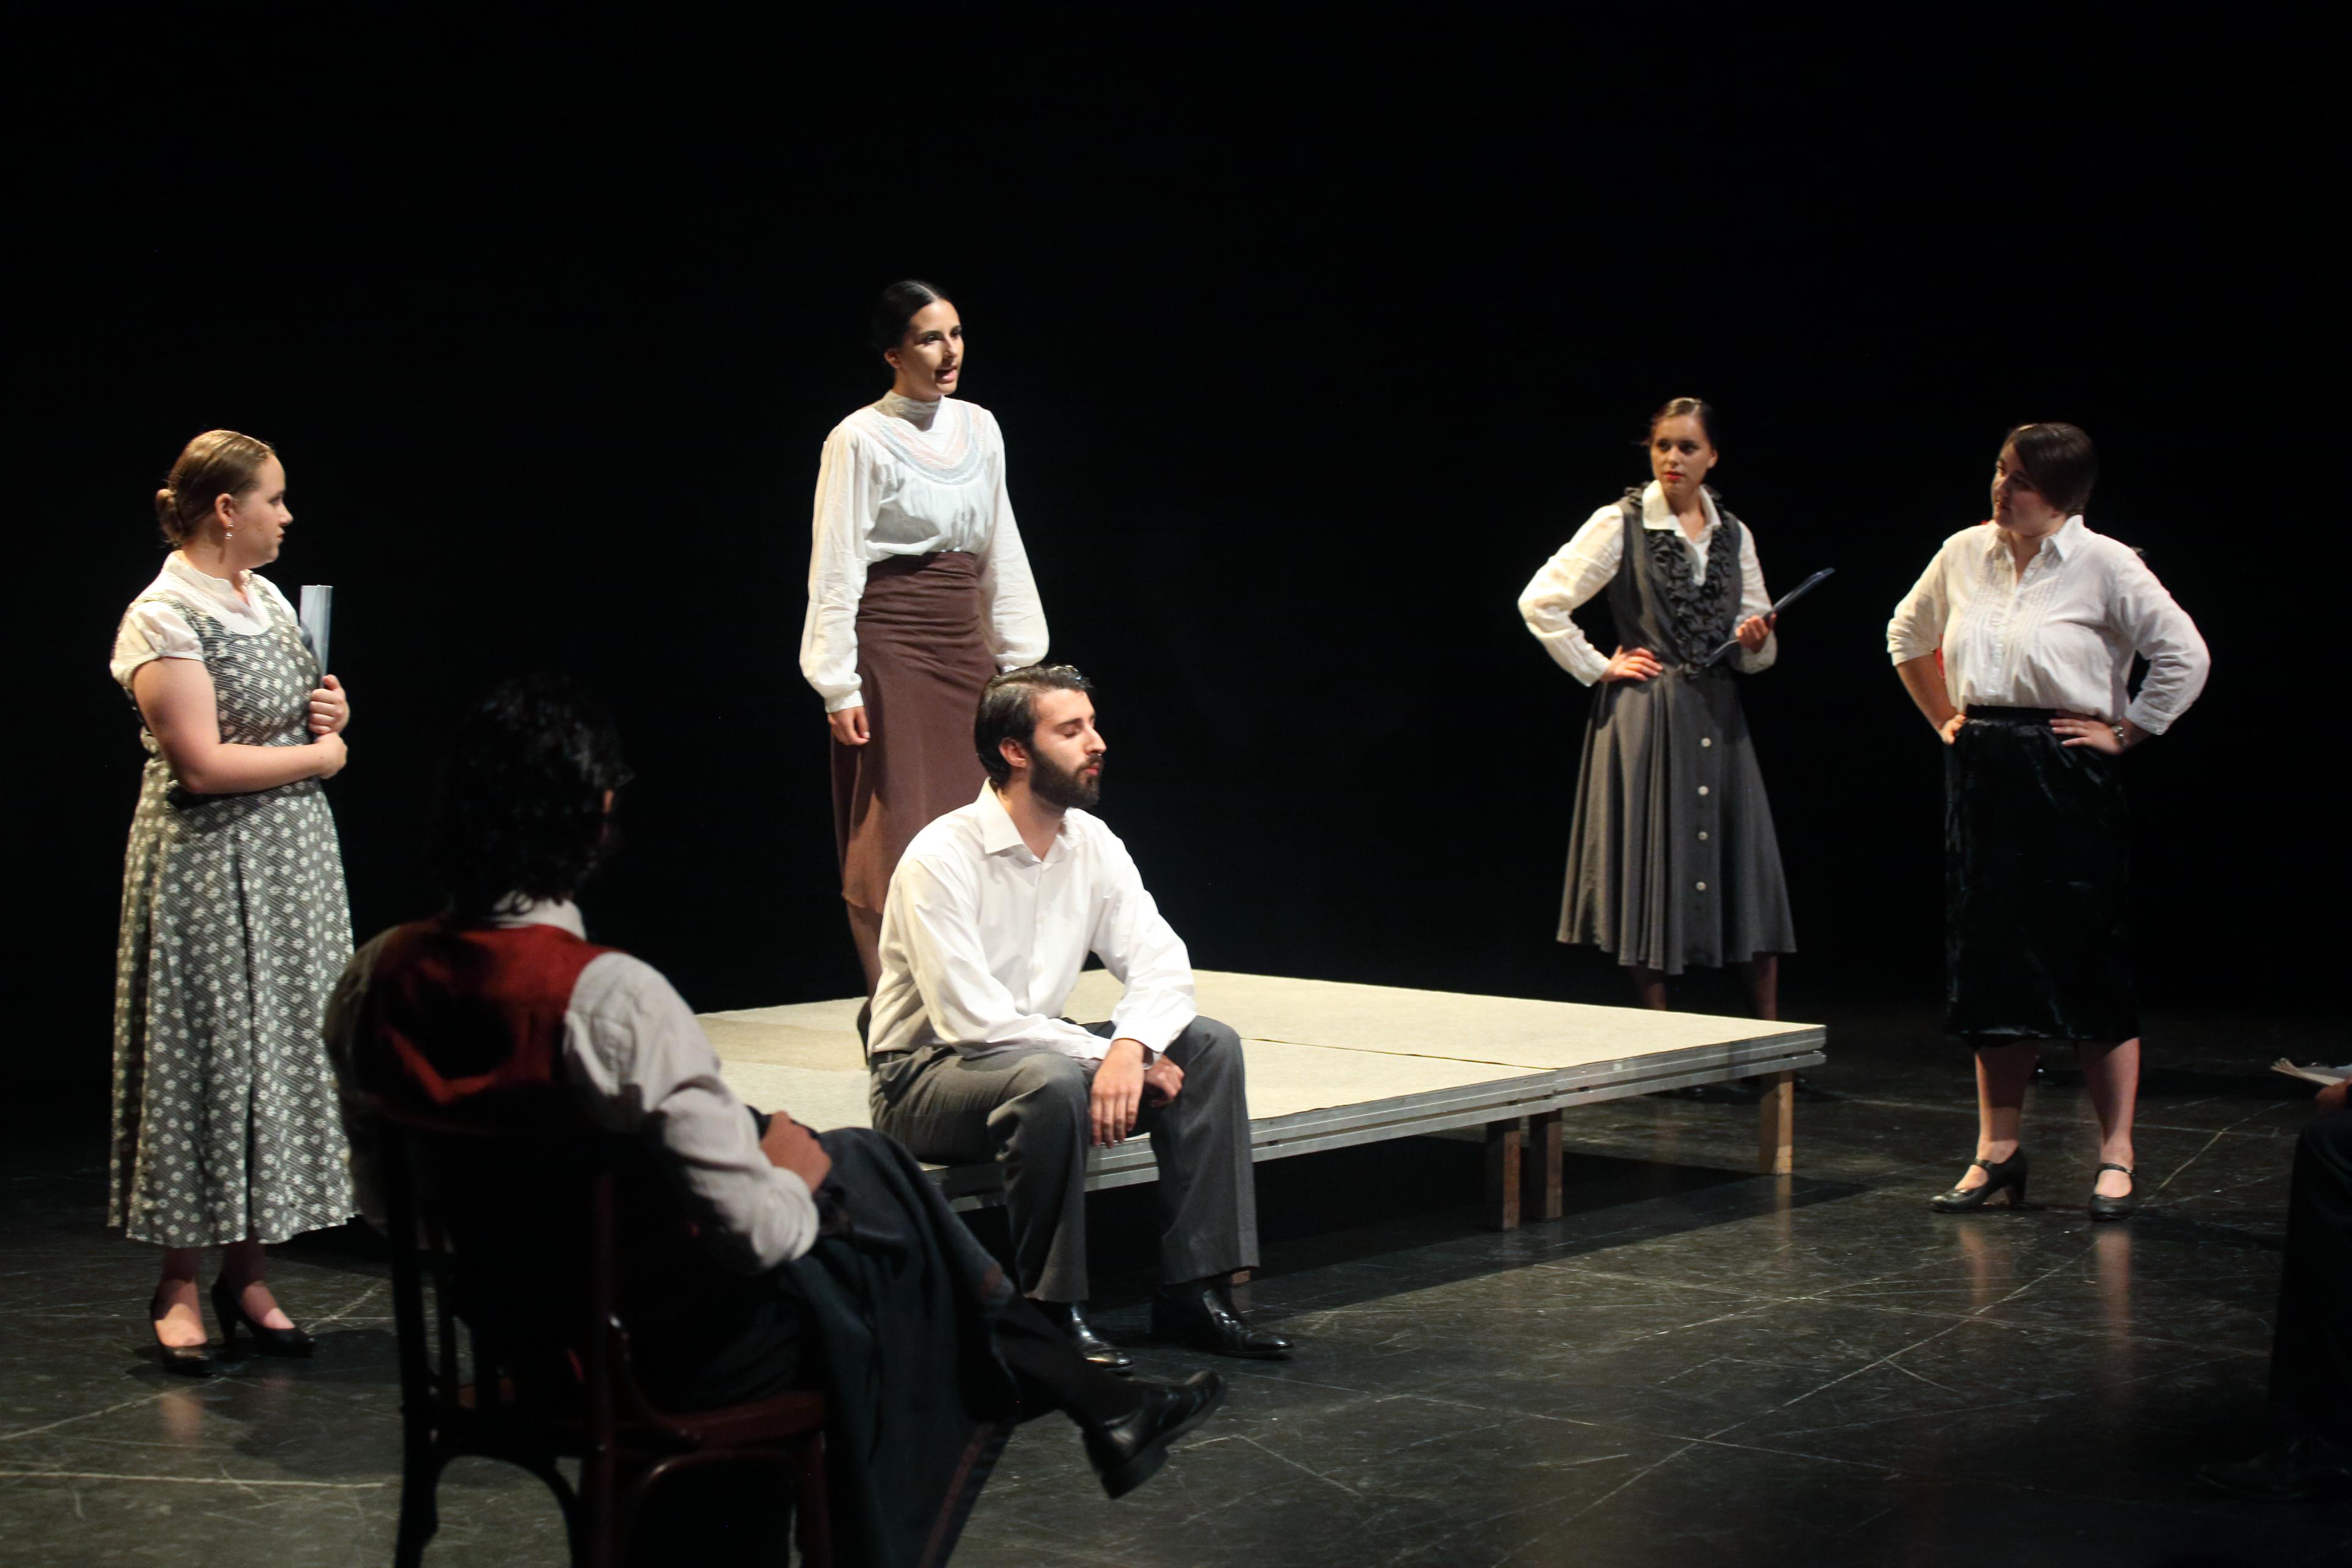 En defensa de la cultura 1937-2018. ASSAIG, Grup de teatre de la Universitat de València